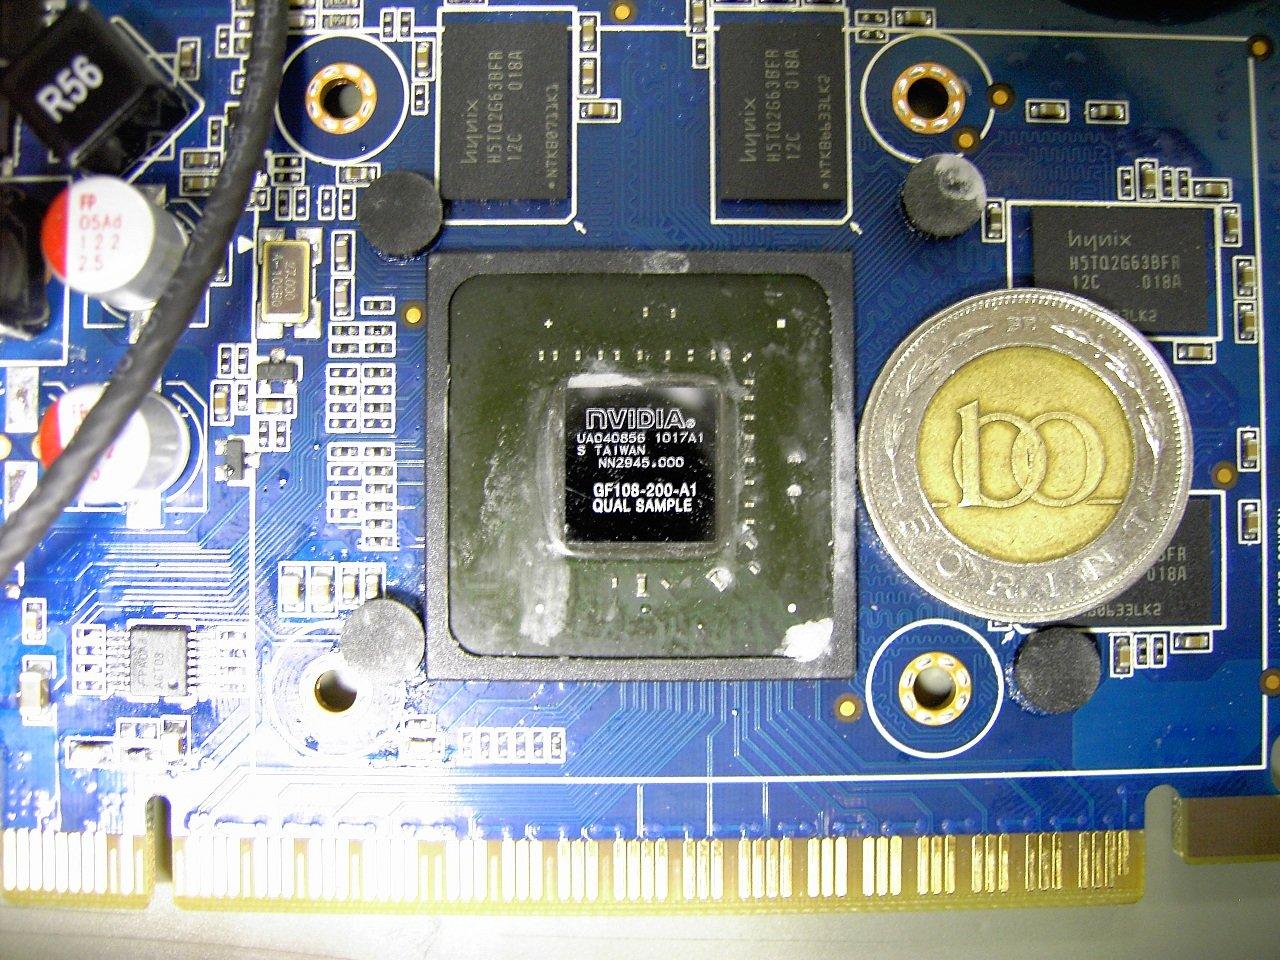 GeForce-Grafikchip GF108